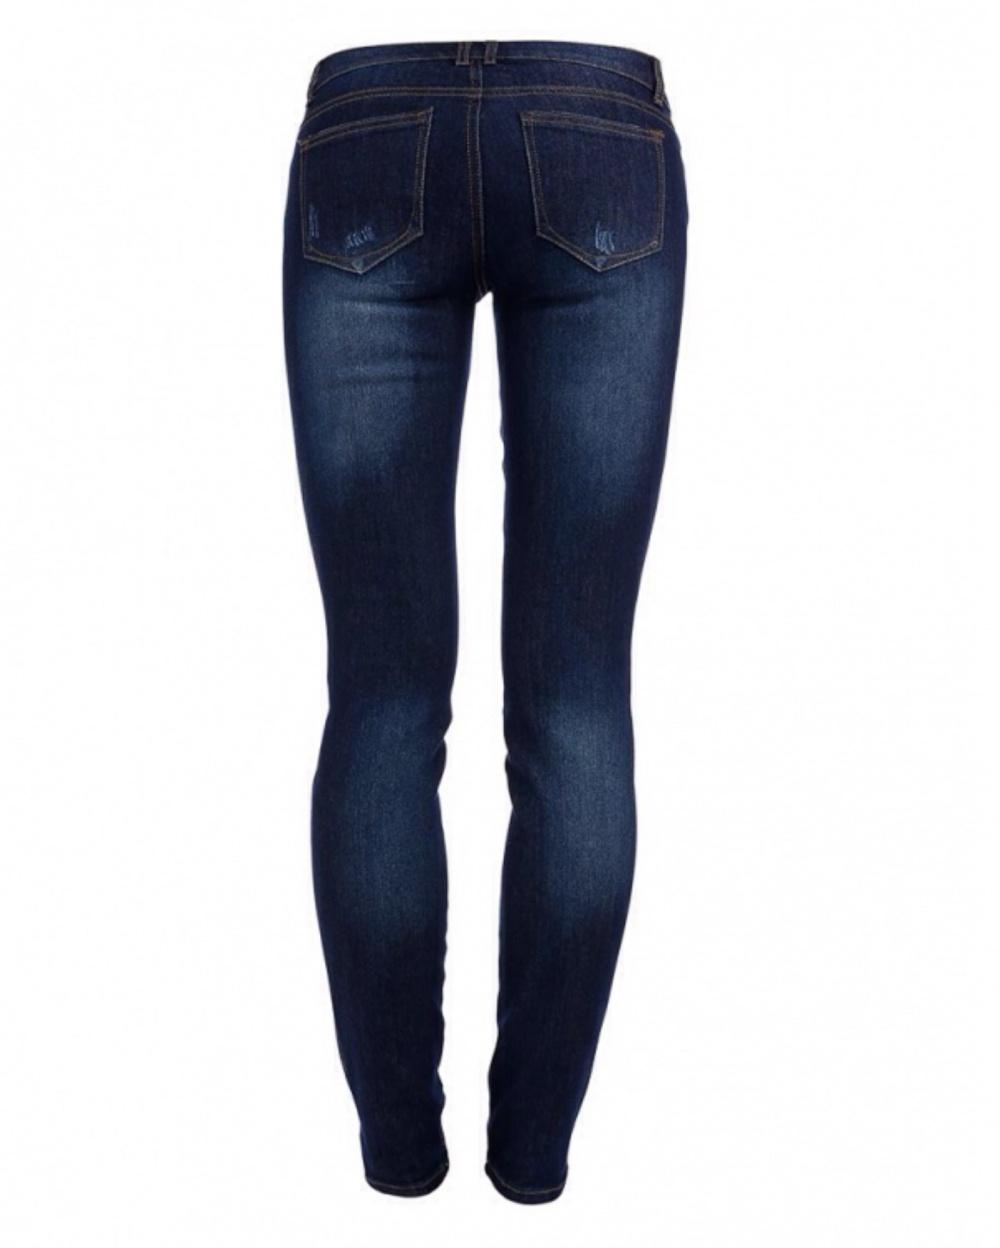 Женские джинсы темно-синего цвета, Slim Fit, низкая талия, на 28 (44 рус), Incity